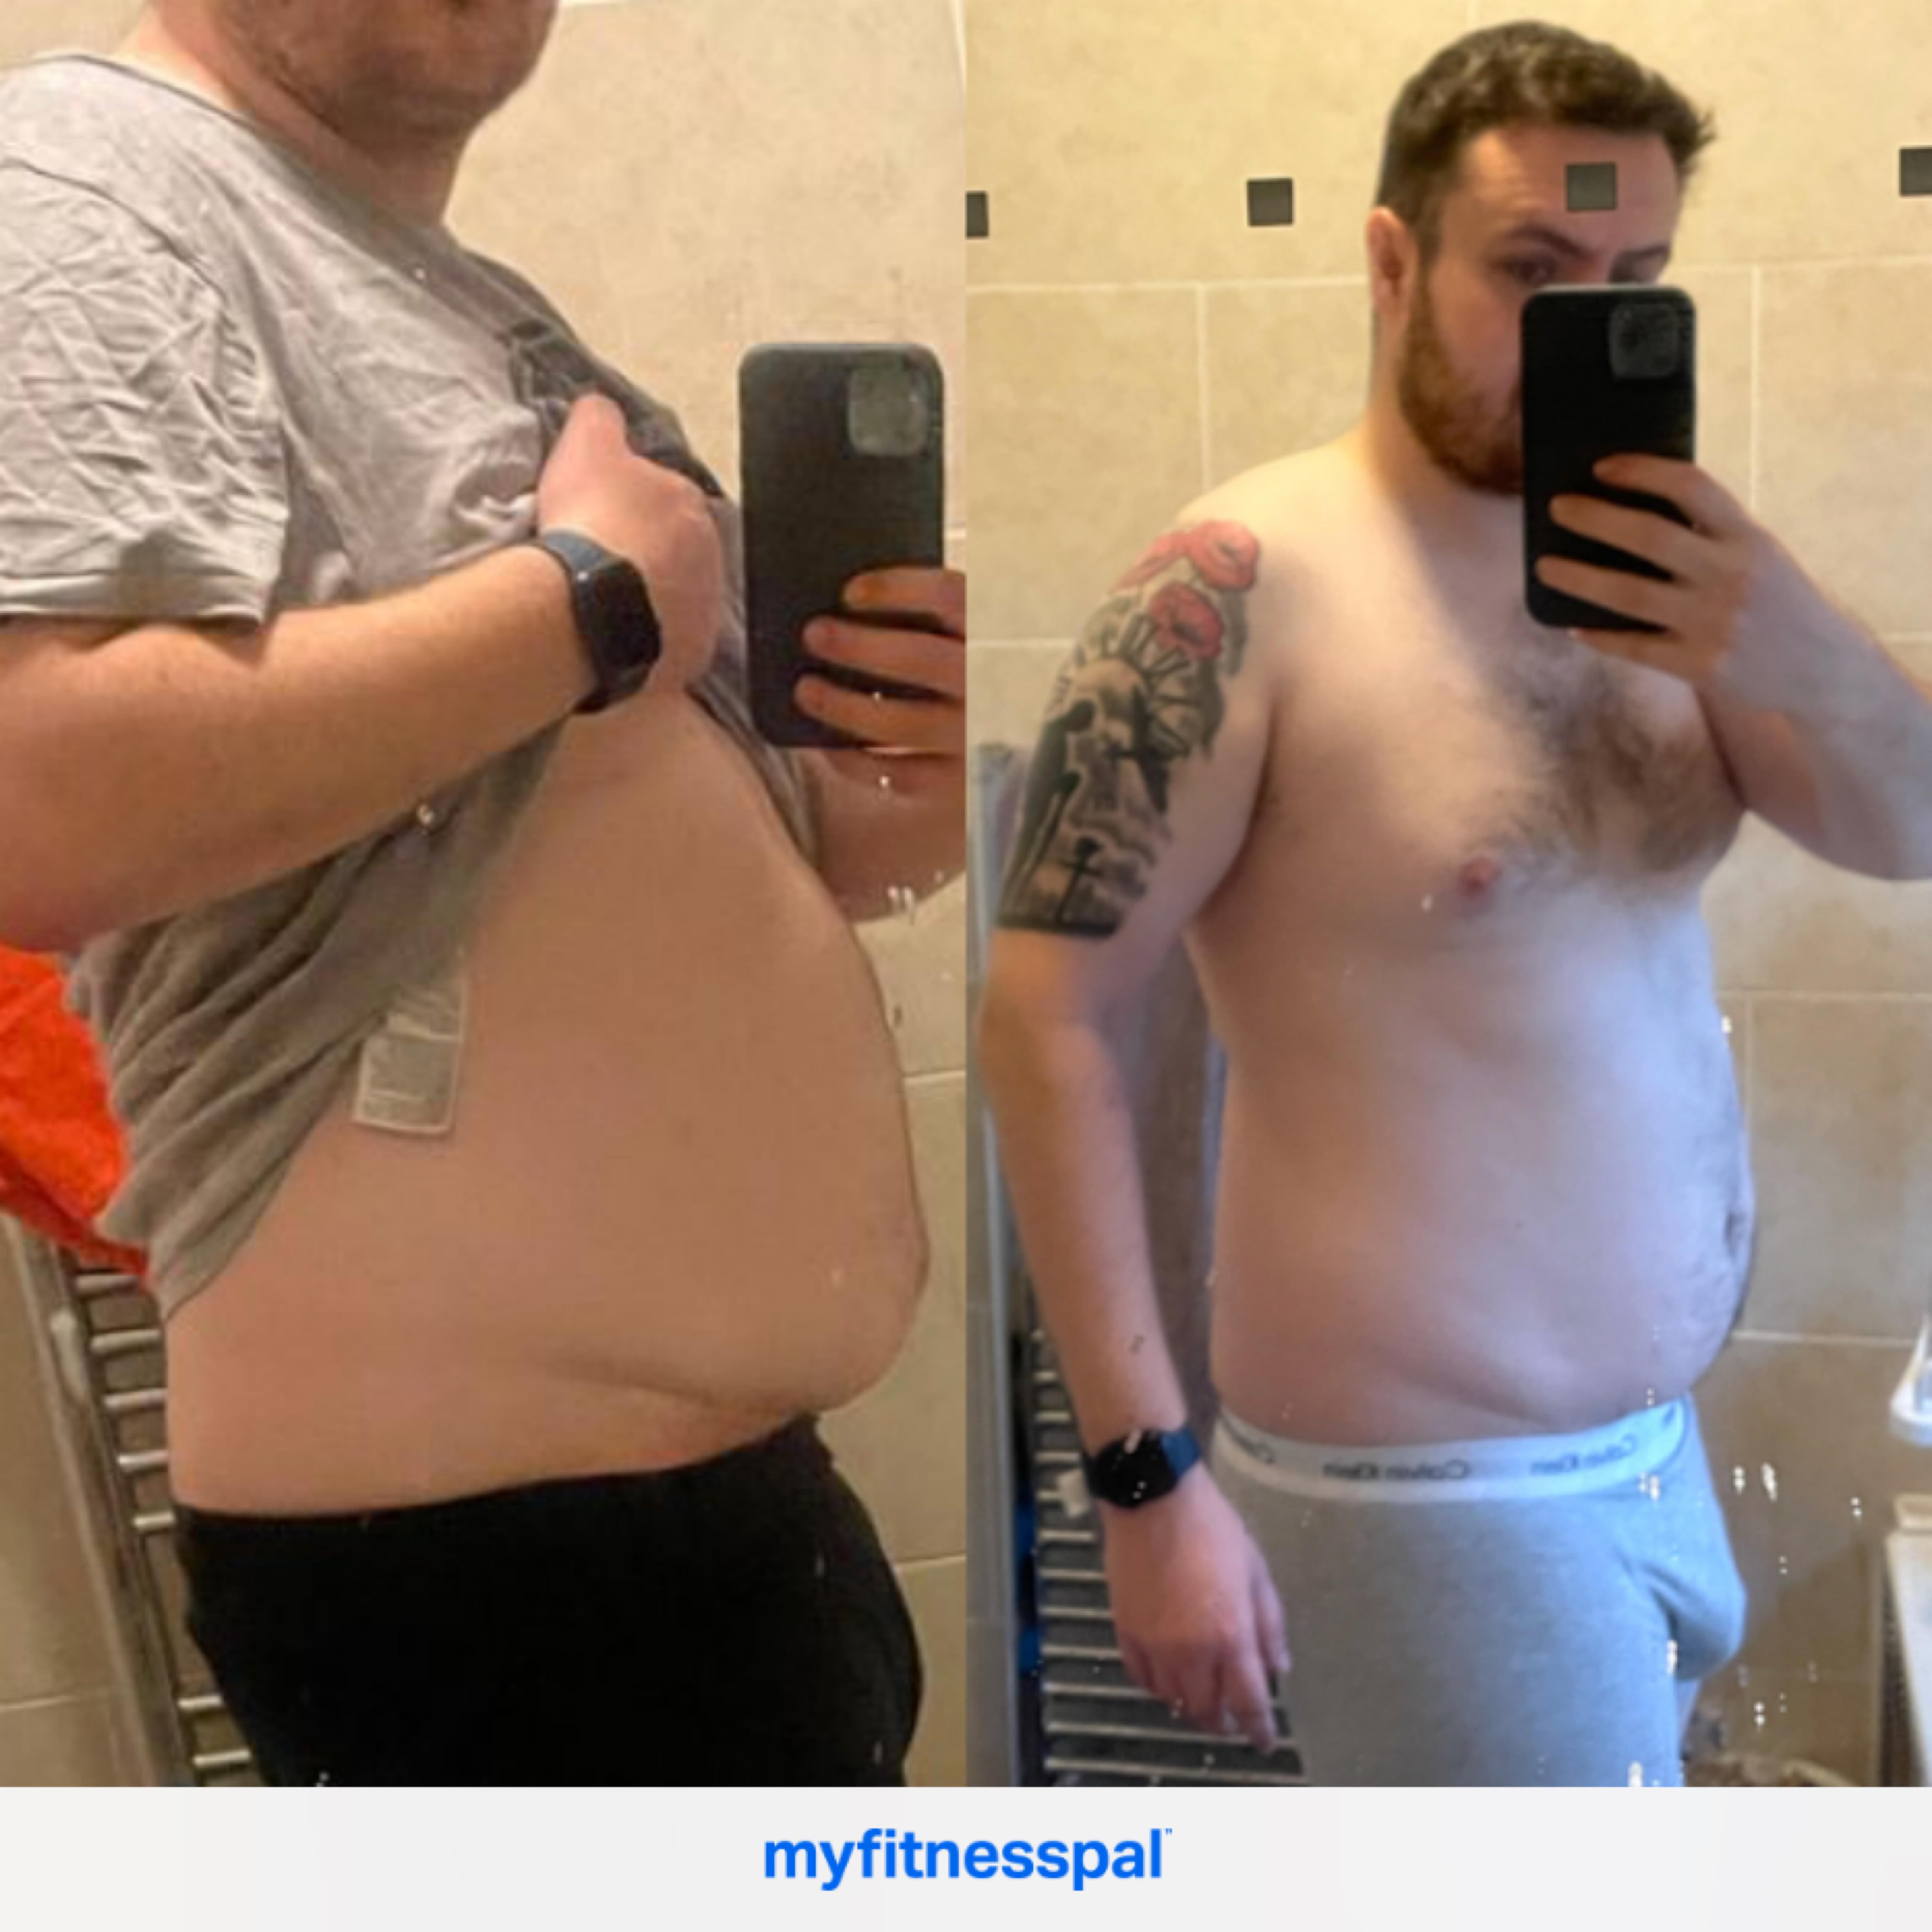 6 foot 1 Male Progress Pics of 5 lbs Fat Loss 230 lbs to 225 lbs